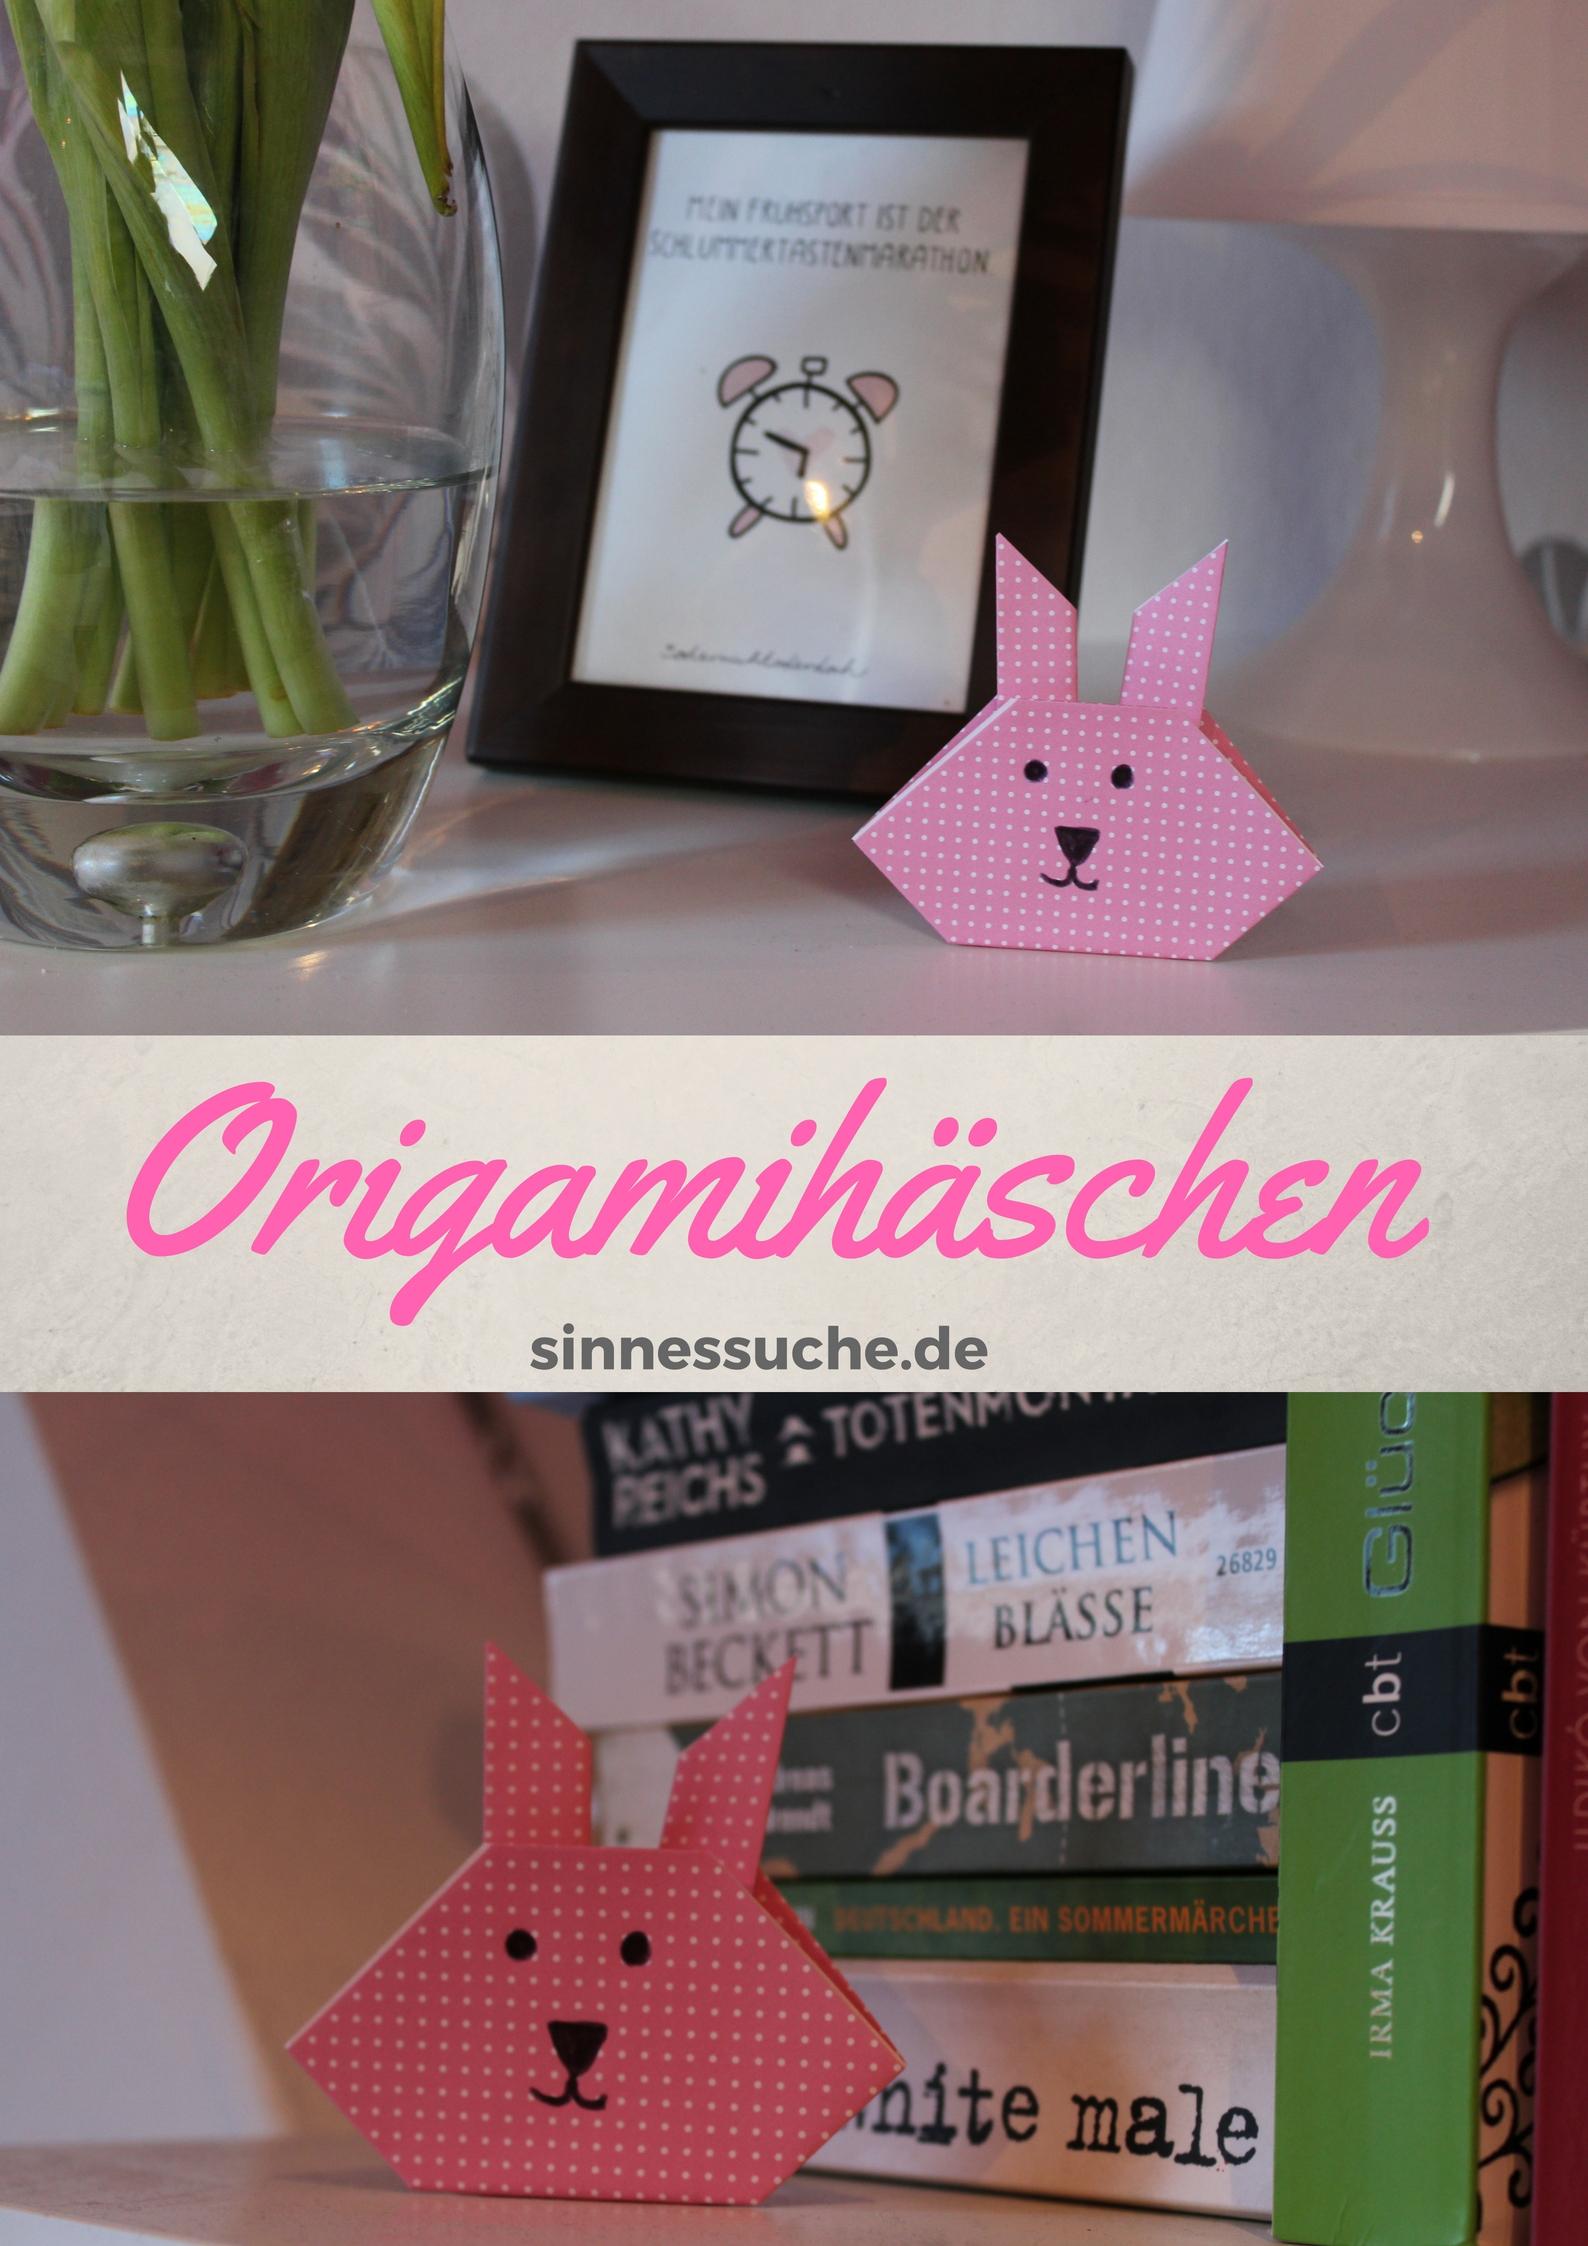 Origamihäschen